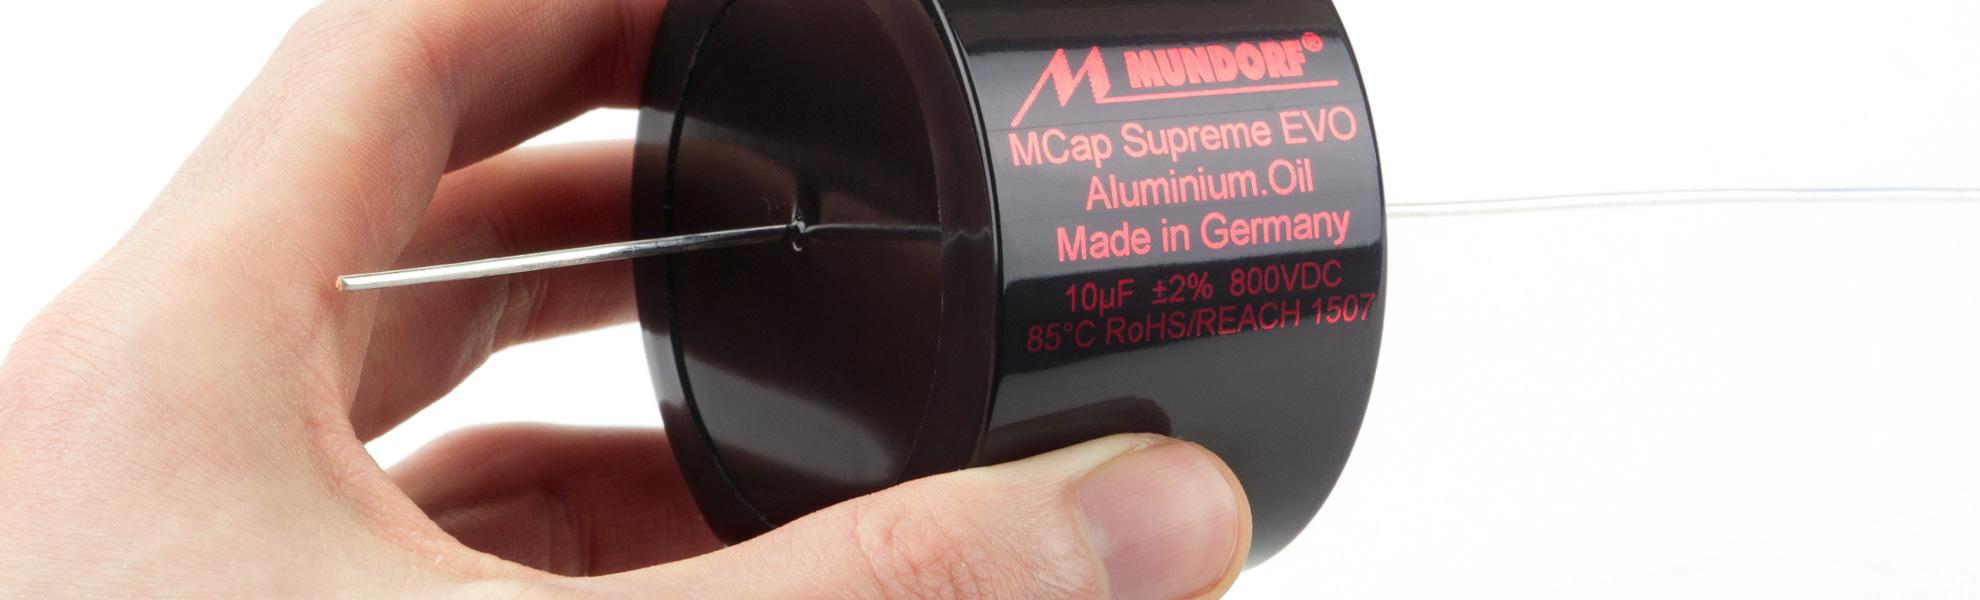 Mundorf MCap Supreme EVO Oil